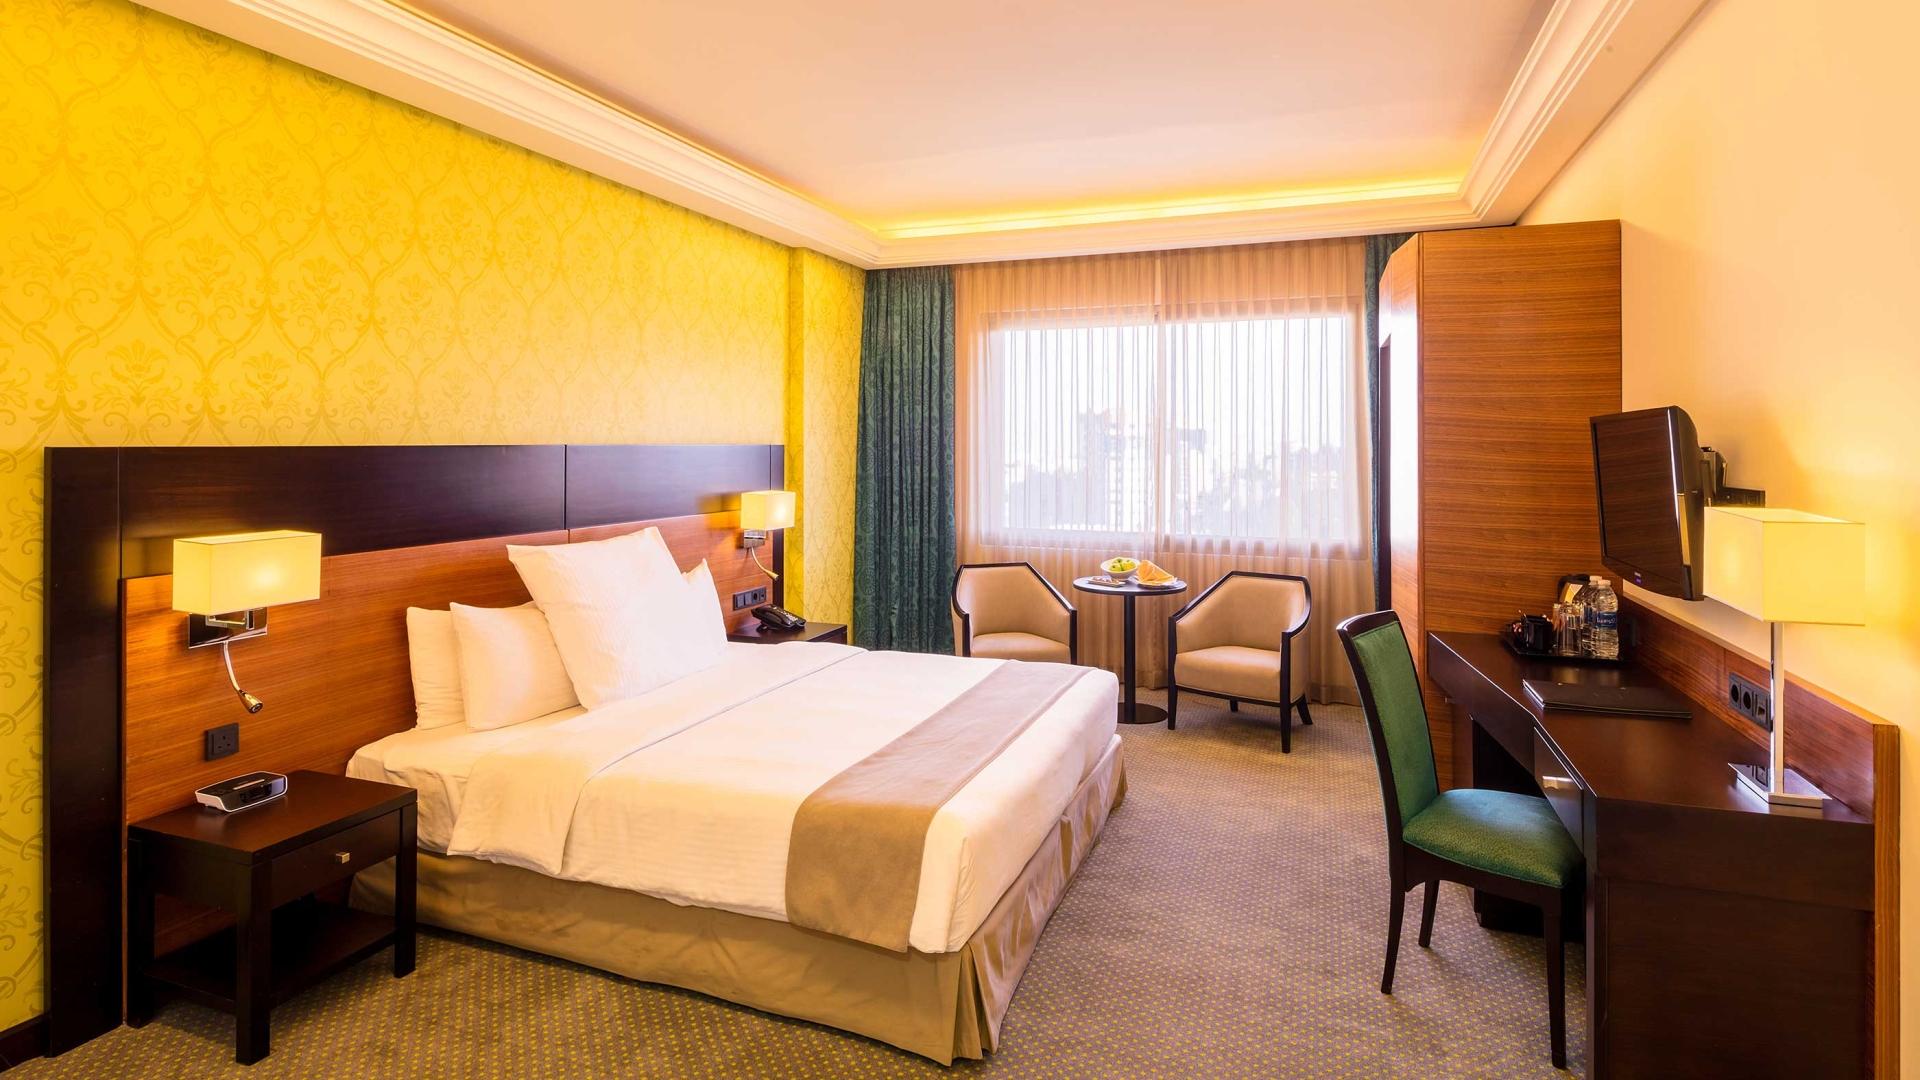 غرفة ديلوكس في فندق كورب عمان